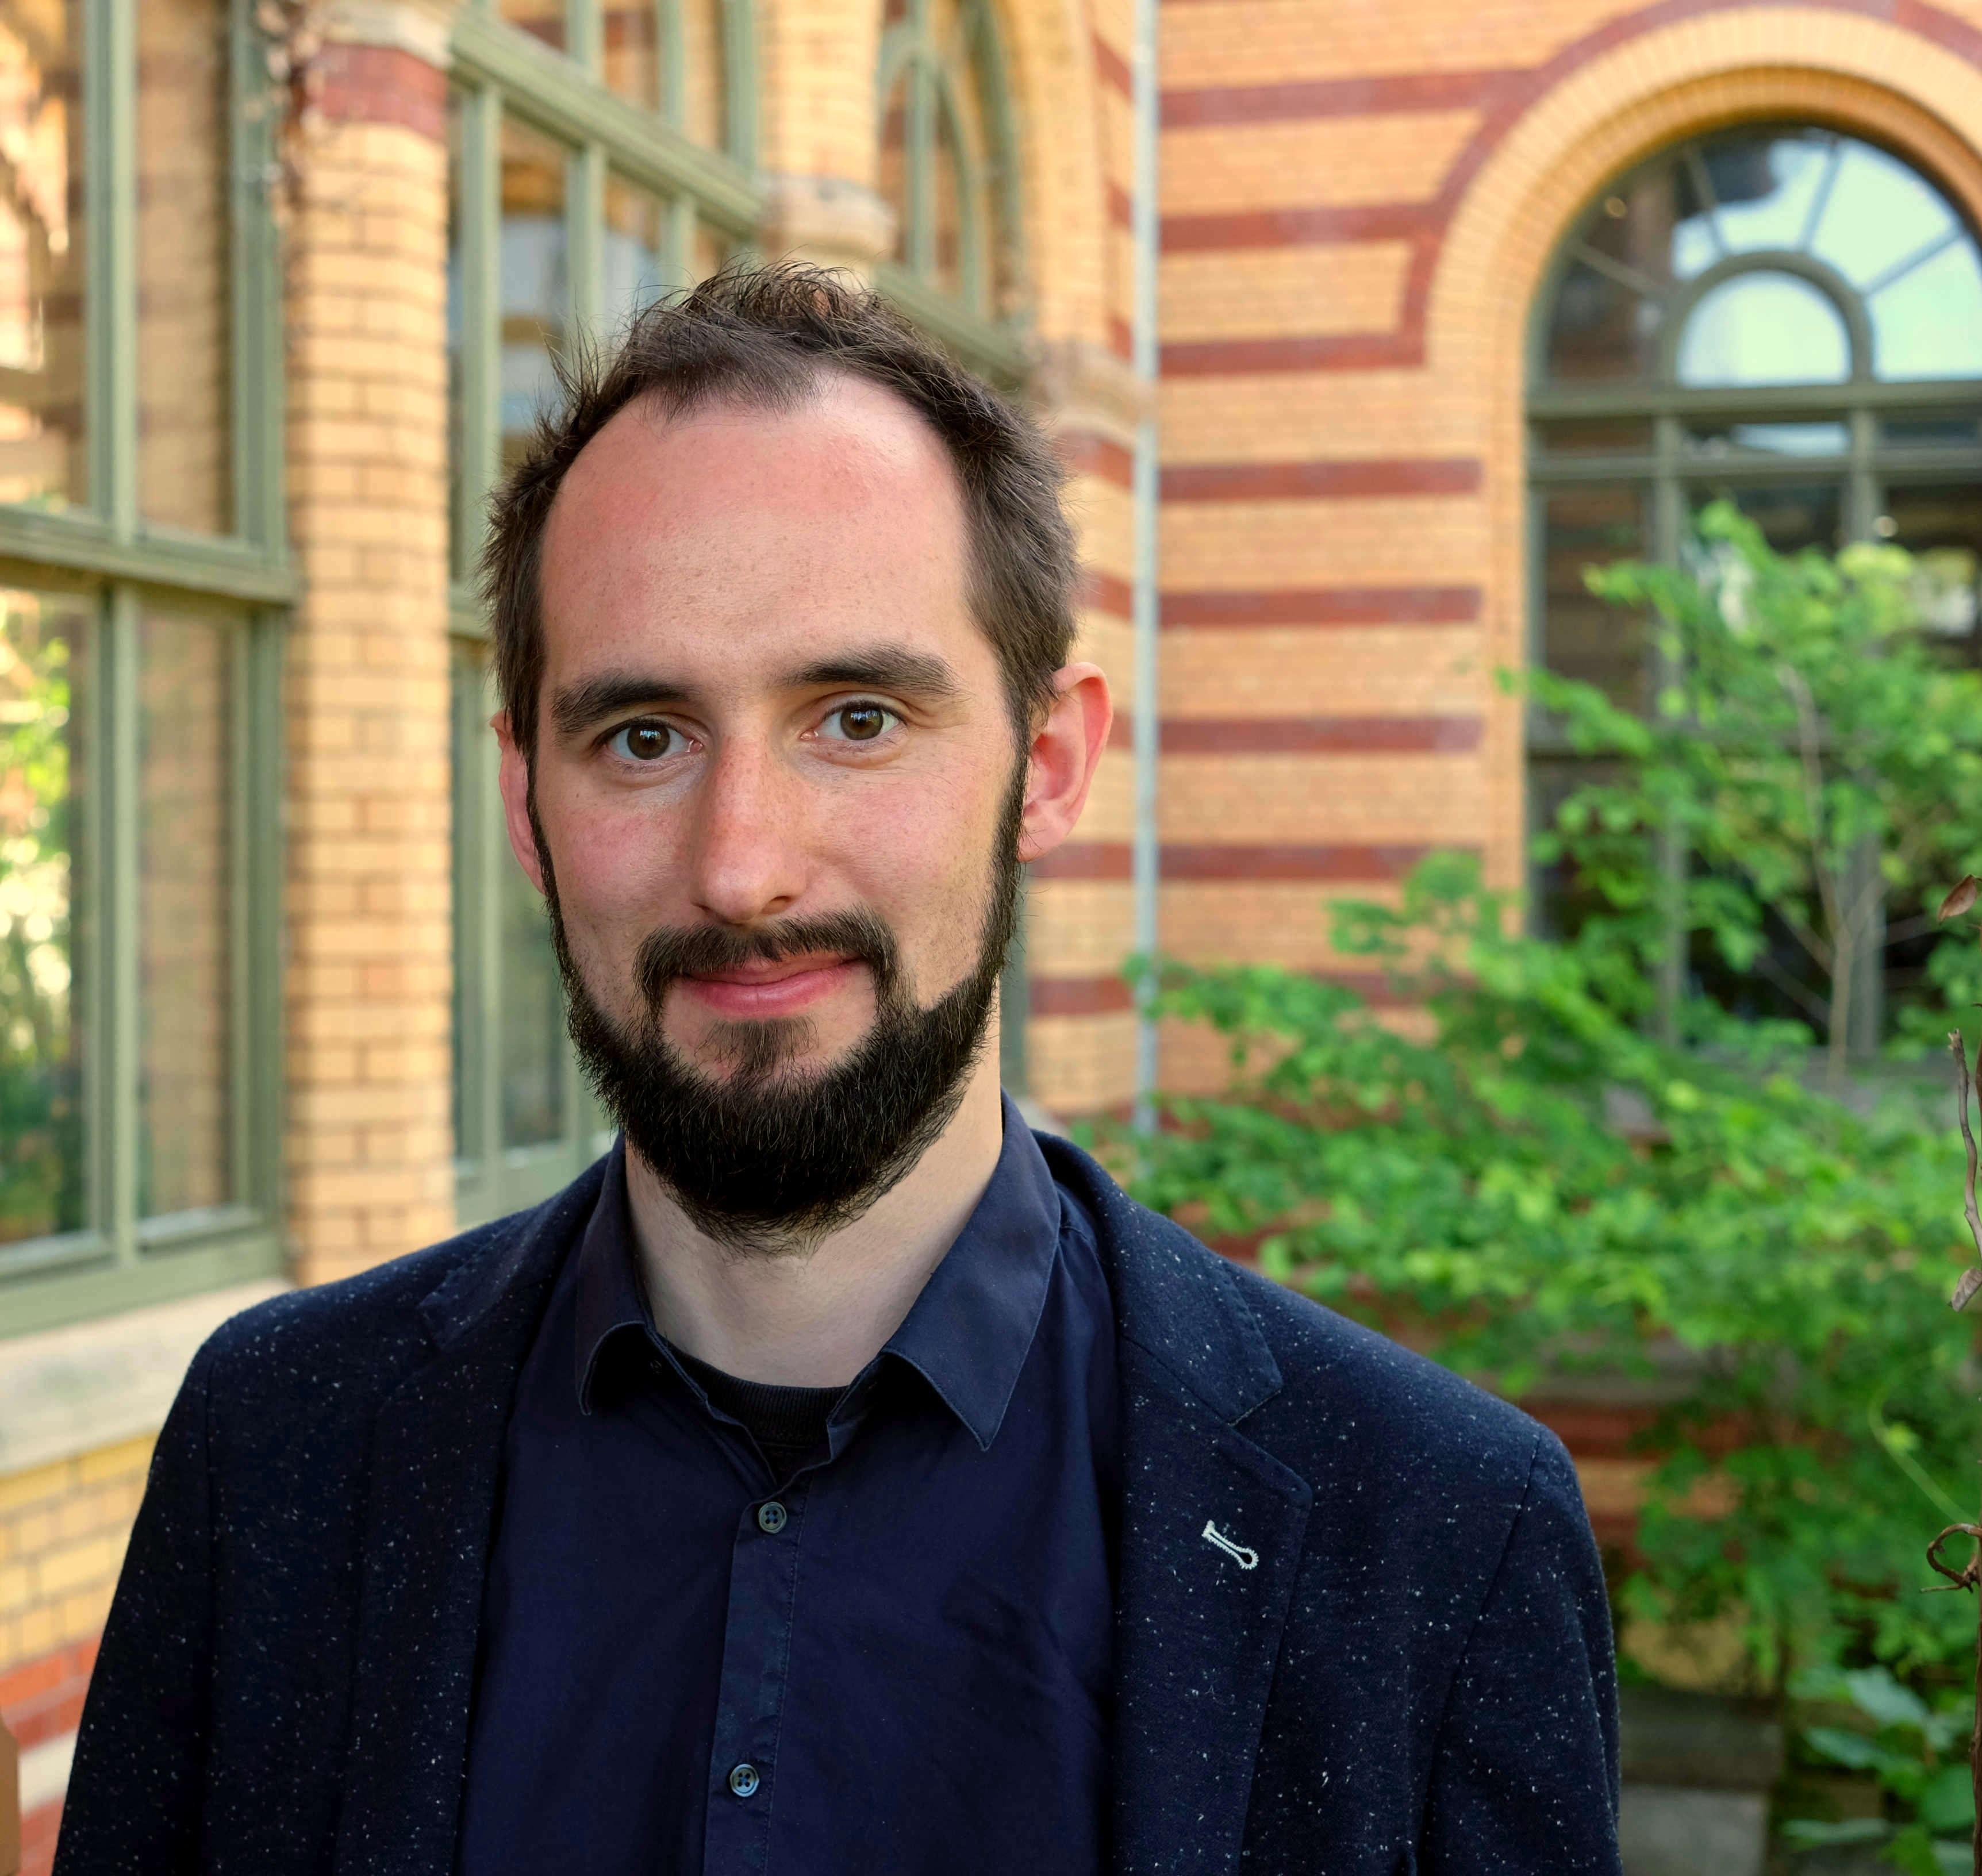 Professur an der Universität Kassel für Agrarforscher Christoph Gornott